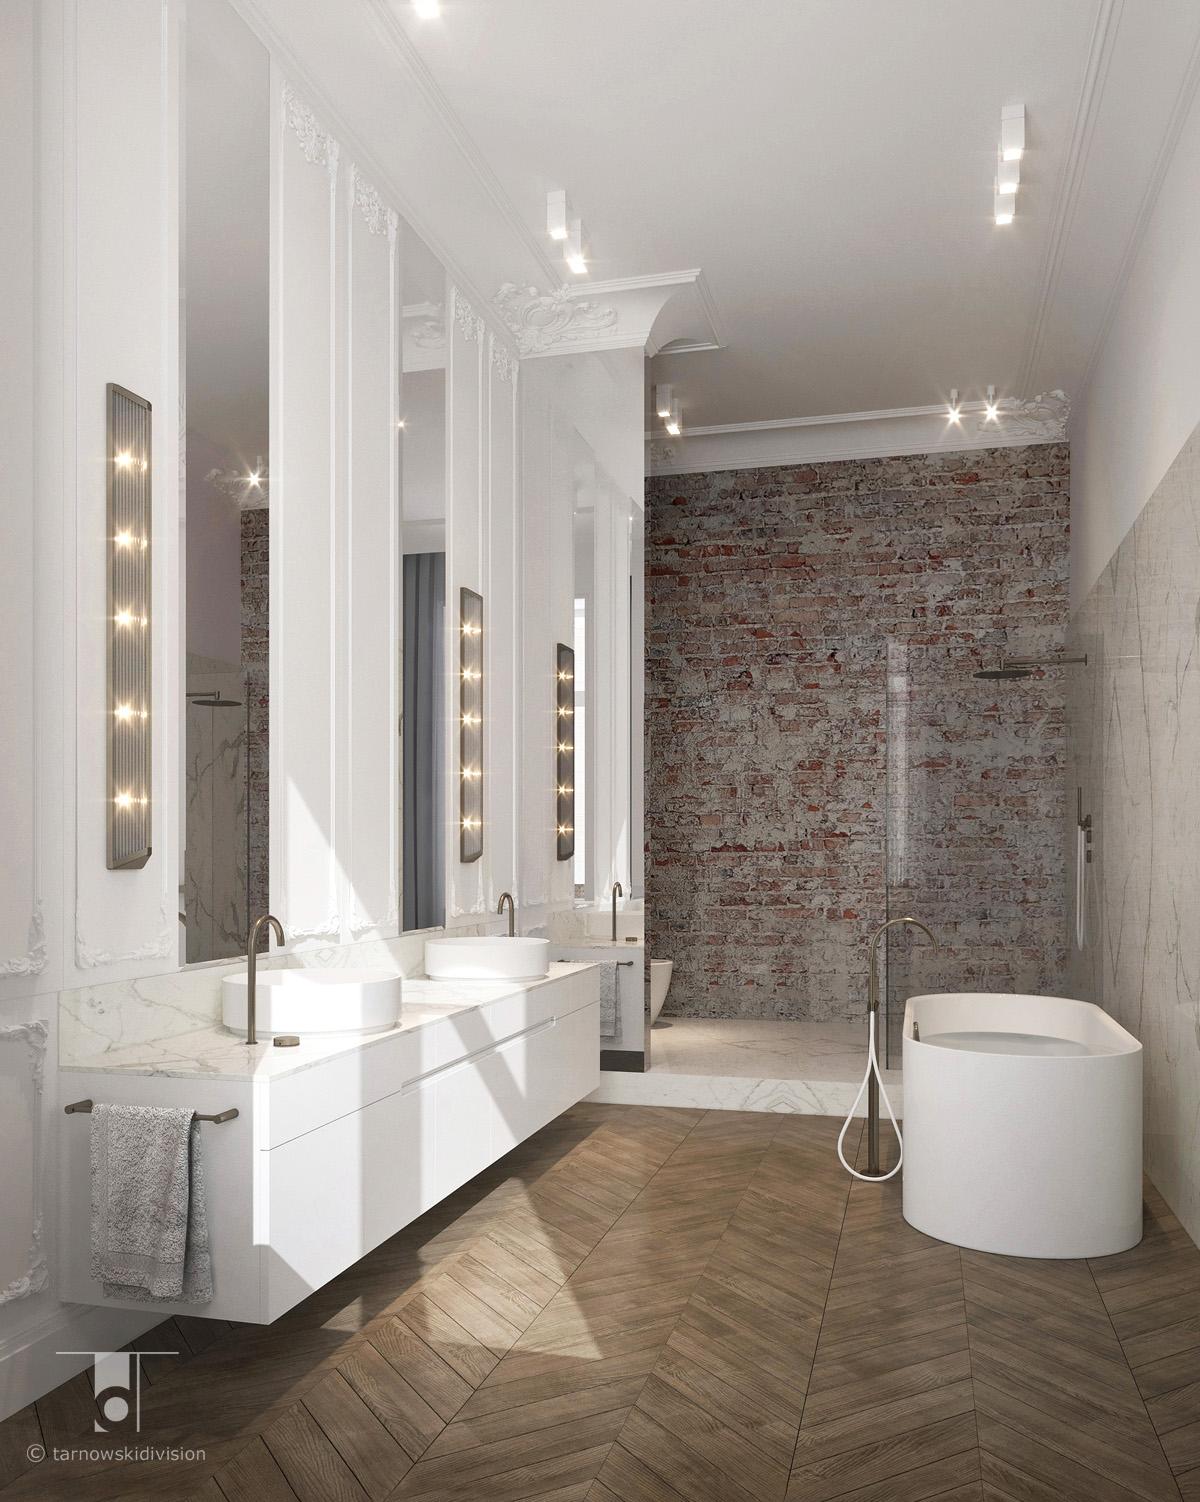 stylowa elegancka łazienka projekt wnętrz salonu kąpielowego classic luxury bathroom interior design_tarnowski division